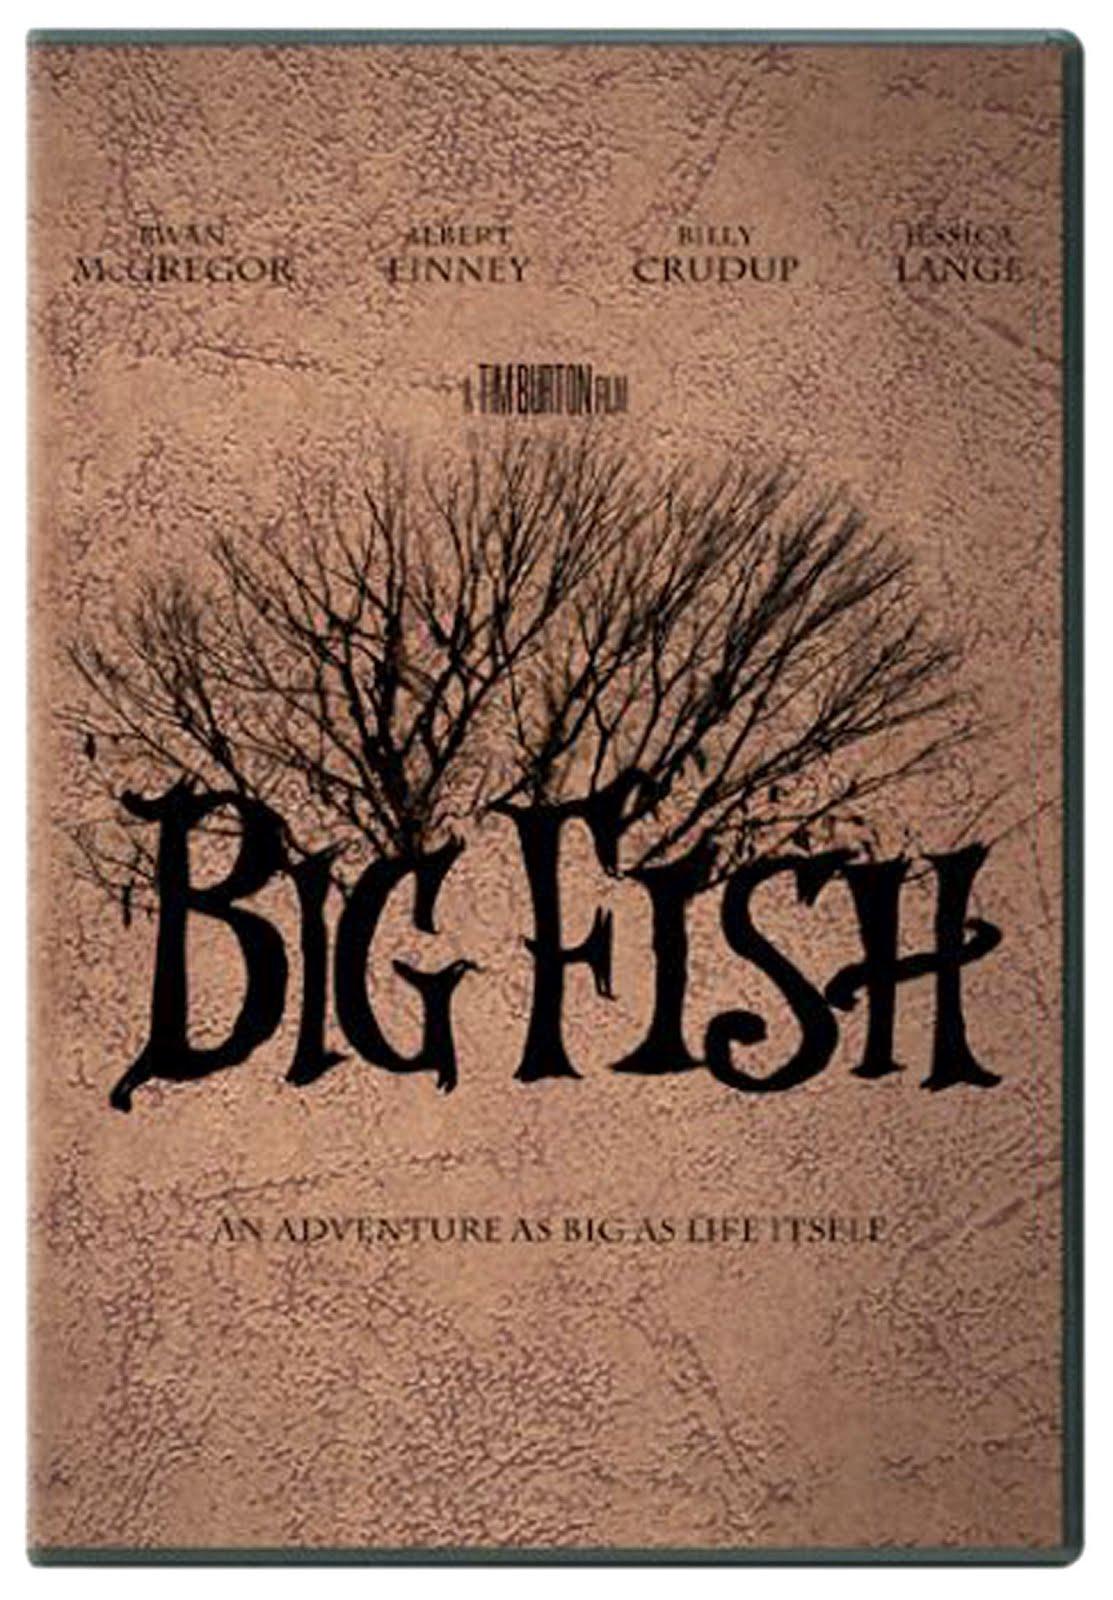 Big Fish Dvd Case Box